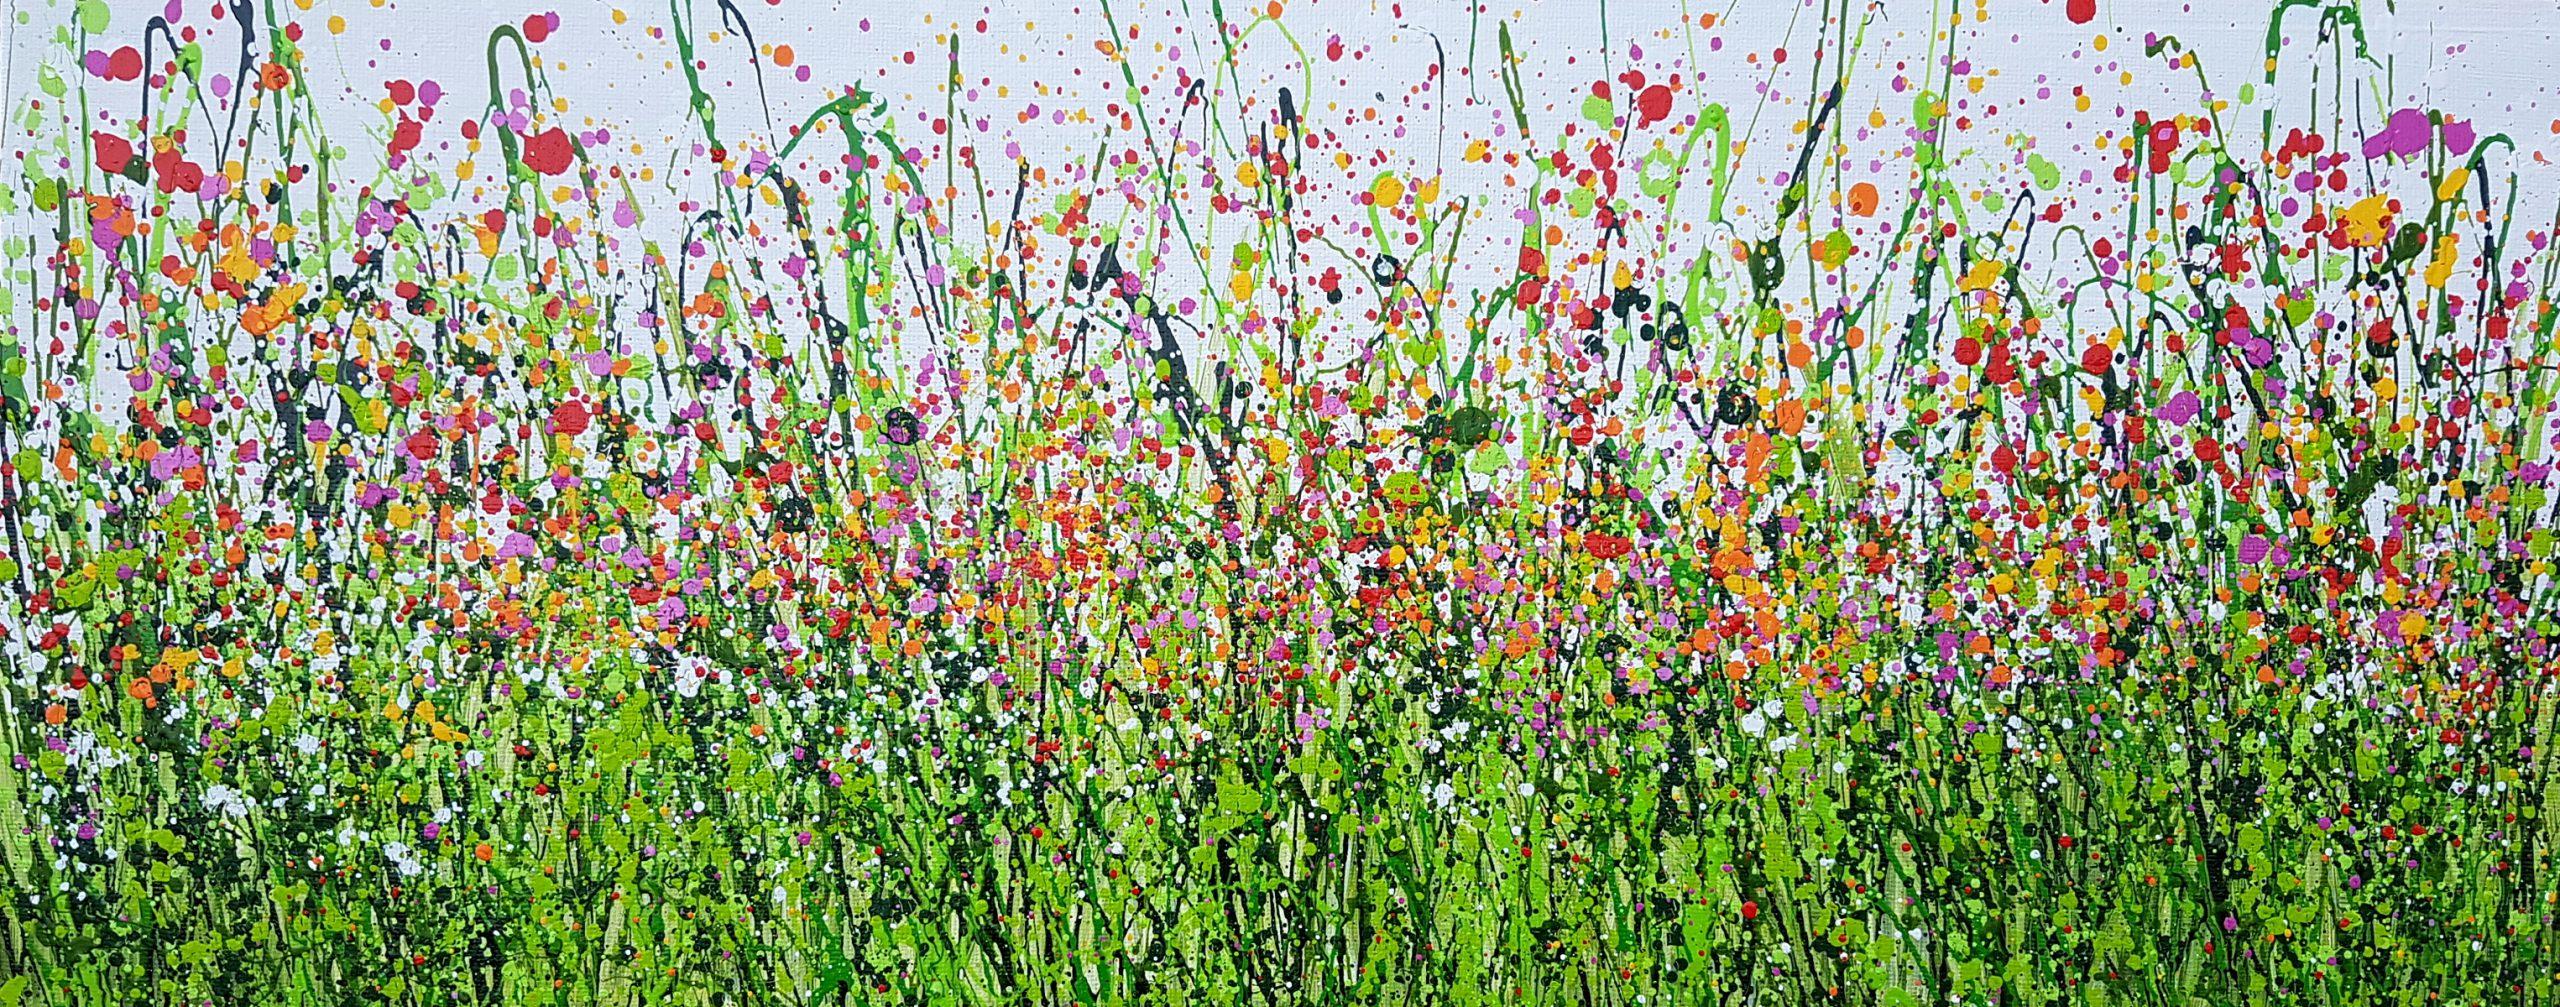 Tiptoe Through The Meadows #2